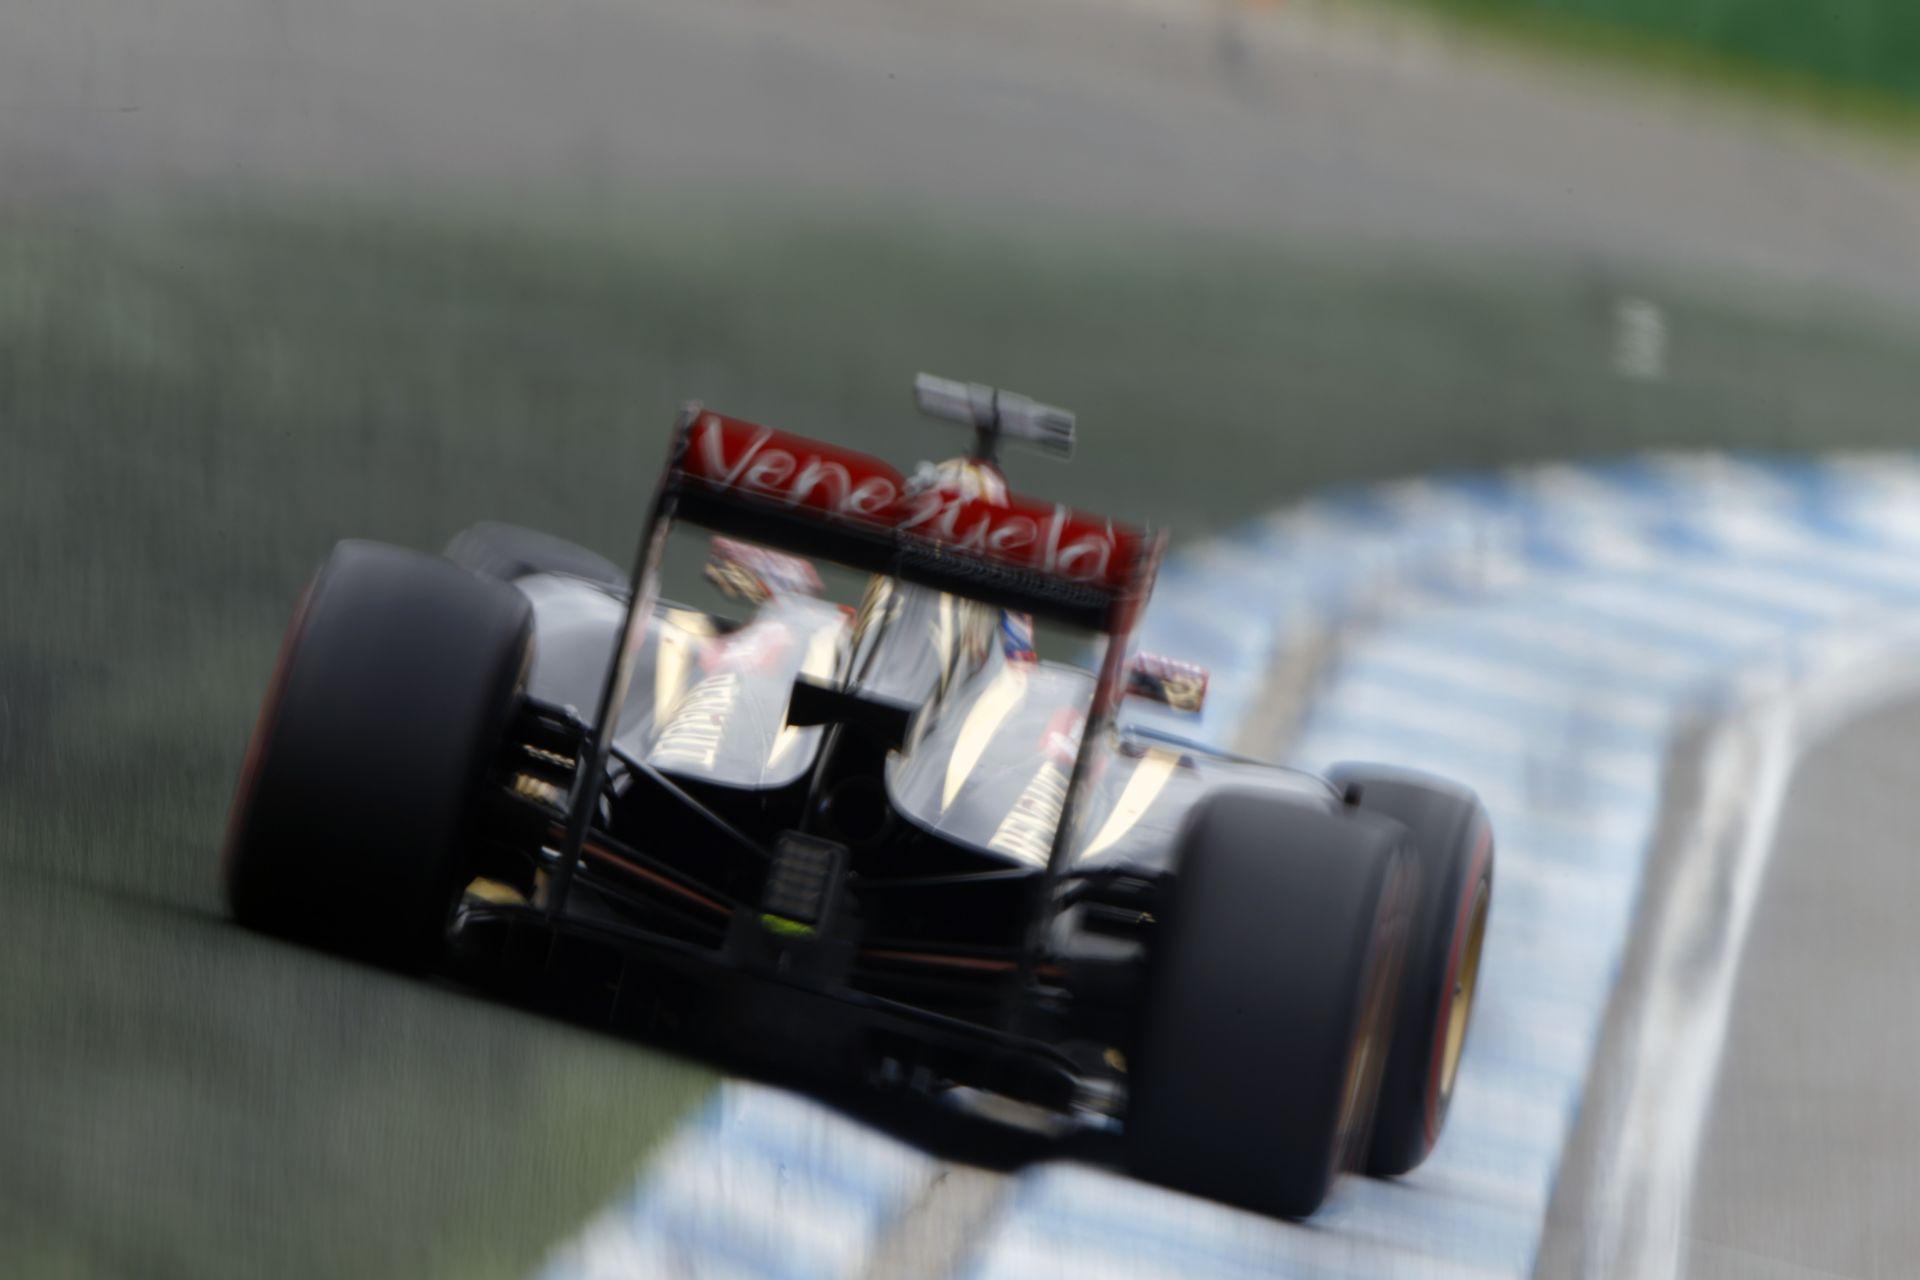 Így szól az Assetto Corsa szimulátoros játékában a Lotus-Renault V6-os turbója